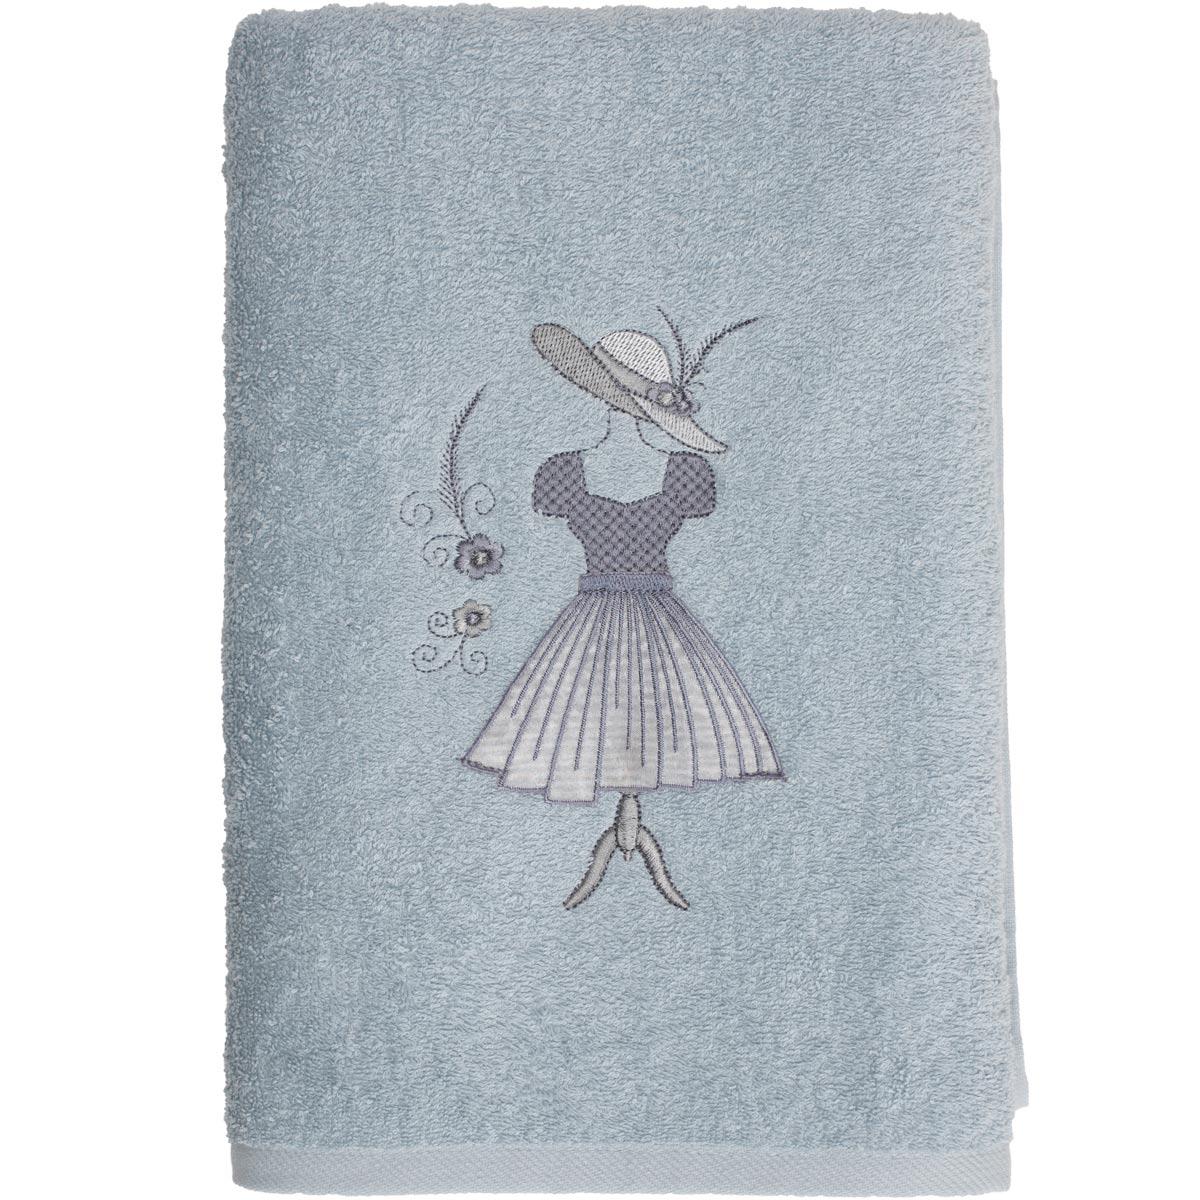 drap de douche brod haute couture arctic blanc homemaison vente en ligne draps de douche. Black Bedroom Furniture Sets. Home Design Ideas